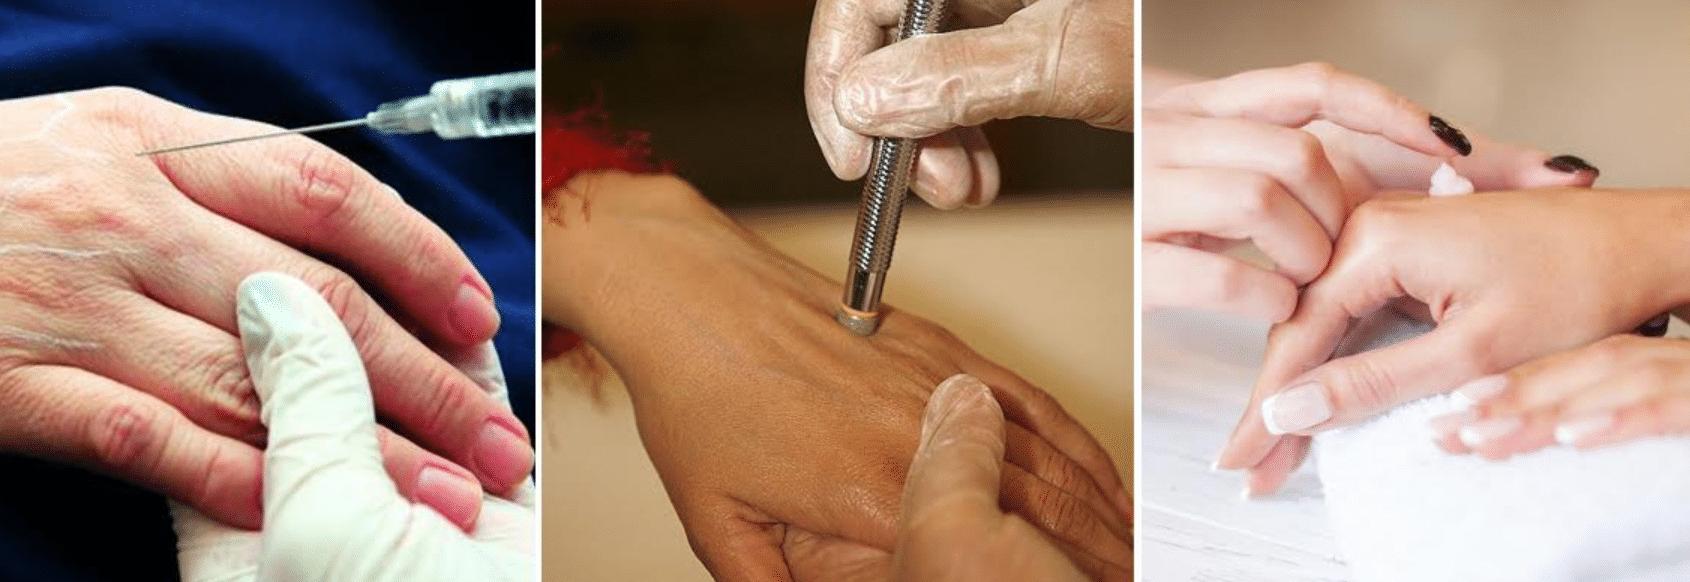 imagens de mulheres realizando procedimentos em suas mãos para evitar o envelhecimento